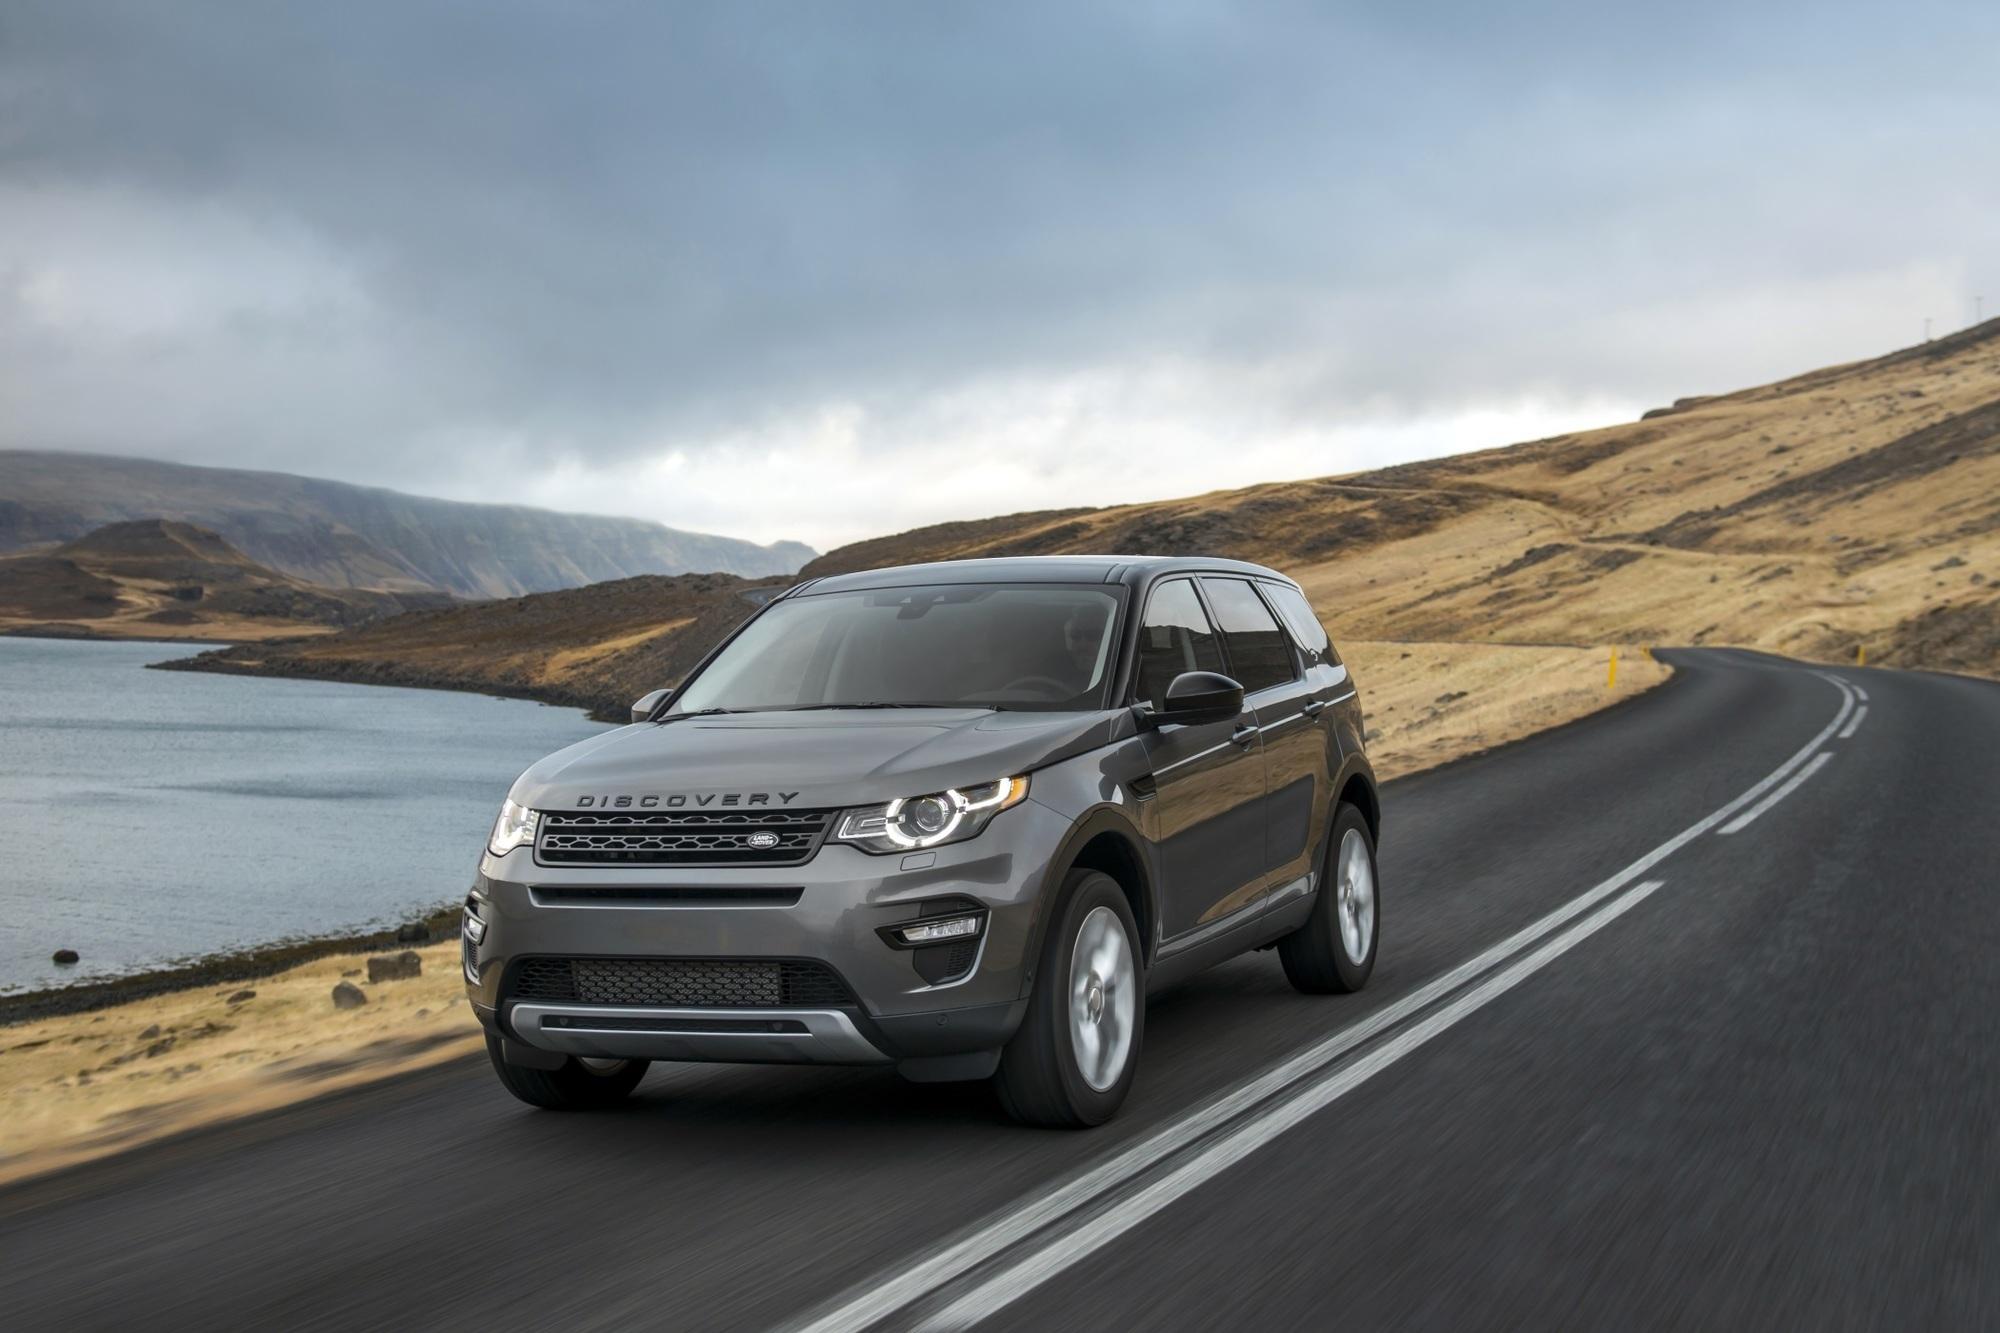 Fahrbericht: Land Rover Discovery Sport - Ich bin zwei Autos